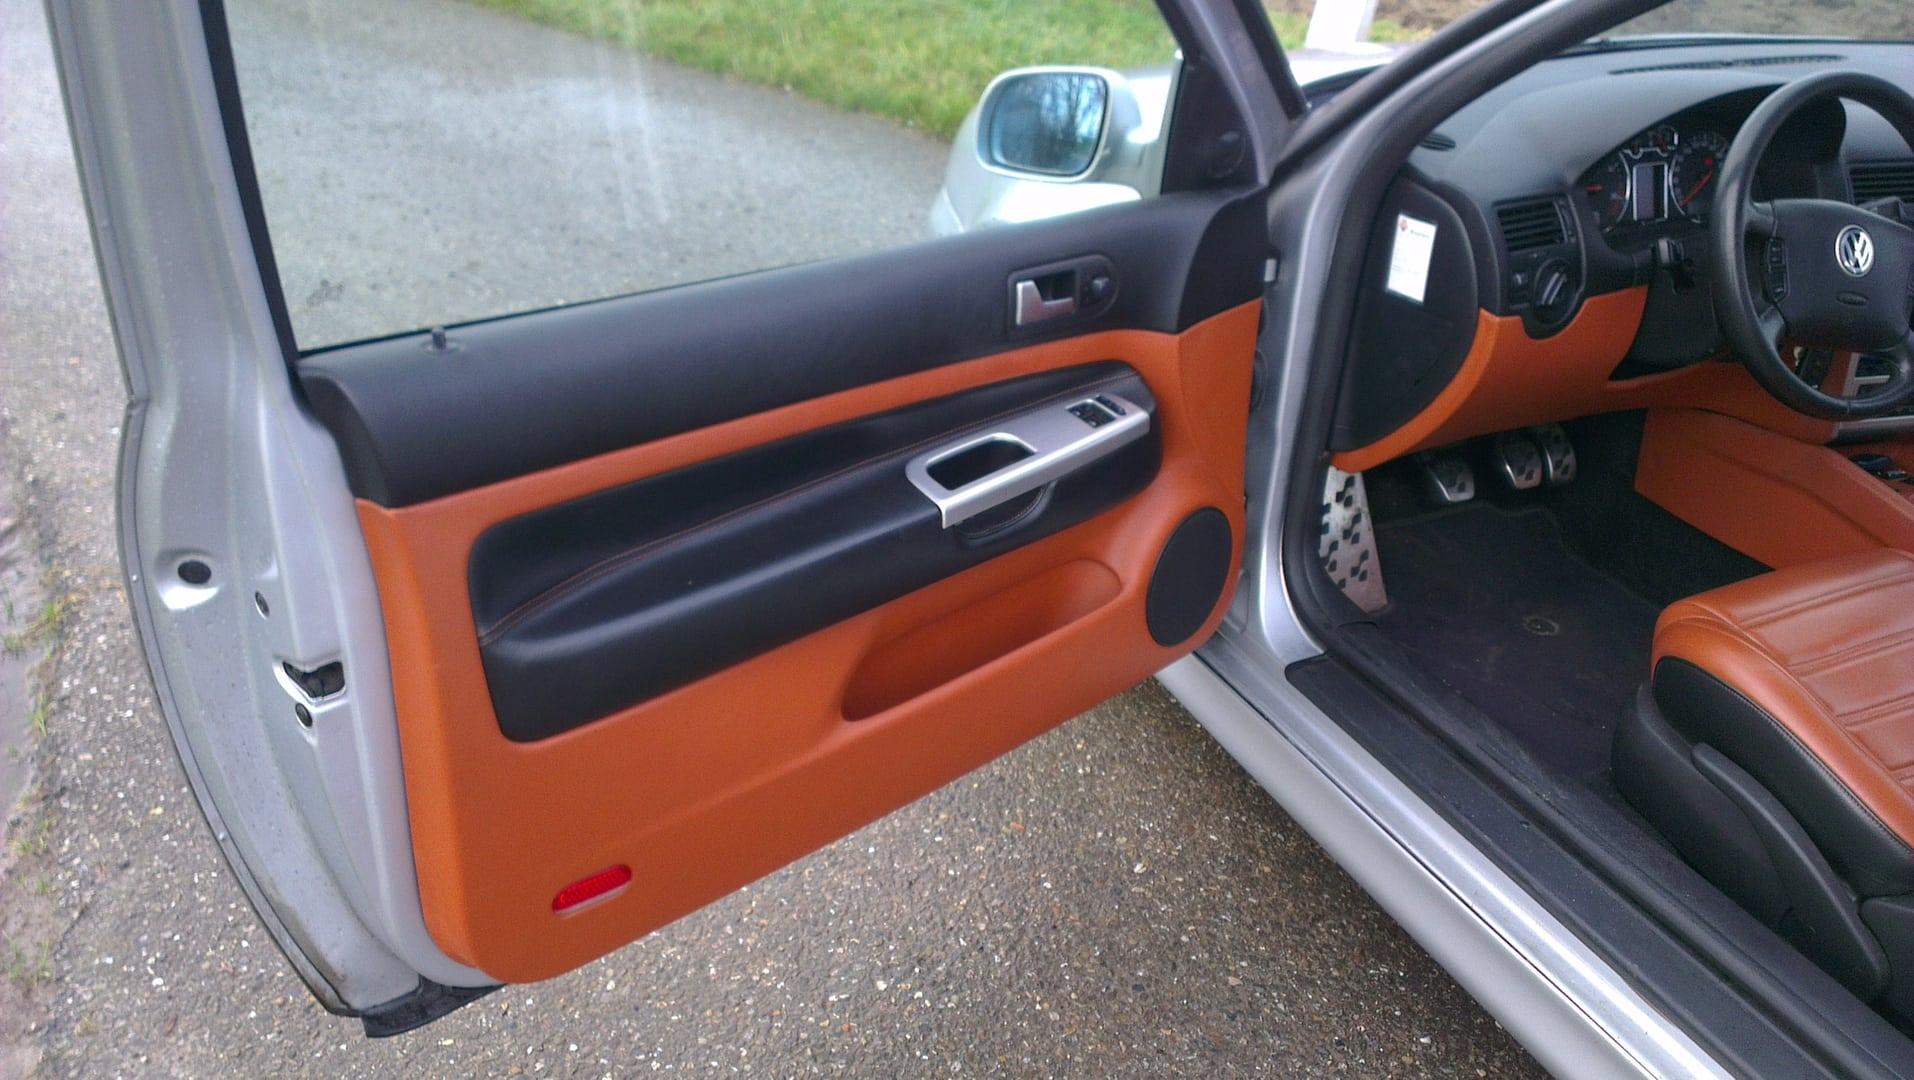 Bruin zwart lederen interieur van een golf 4 3 deurs for Lederen interieur auto